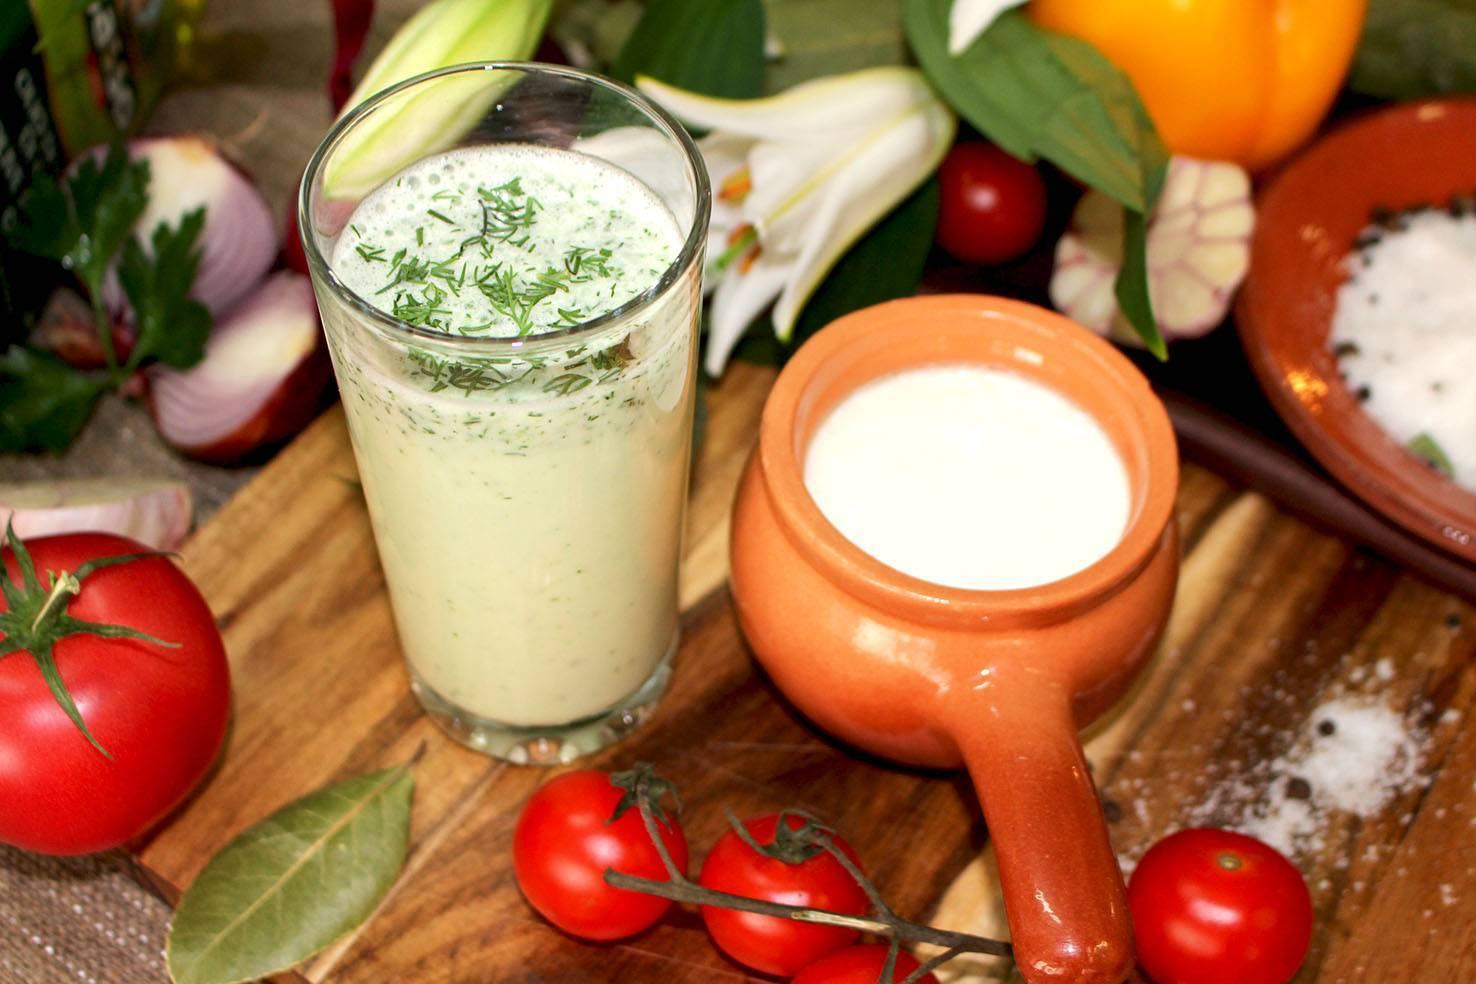 Айран — приготовление напитка, описание пользы и вреда для здоровья на ydoo.info